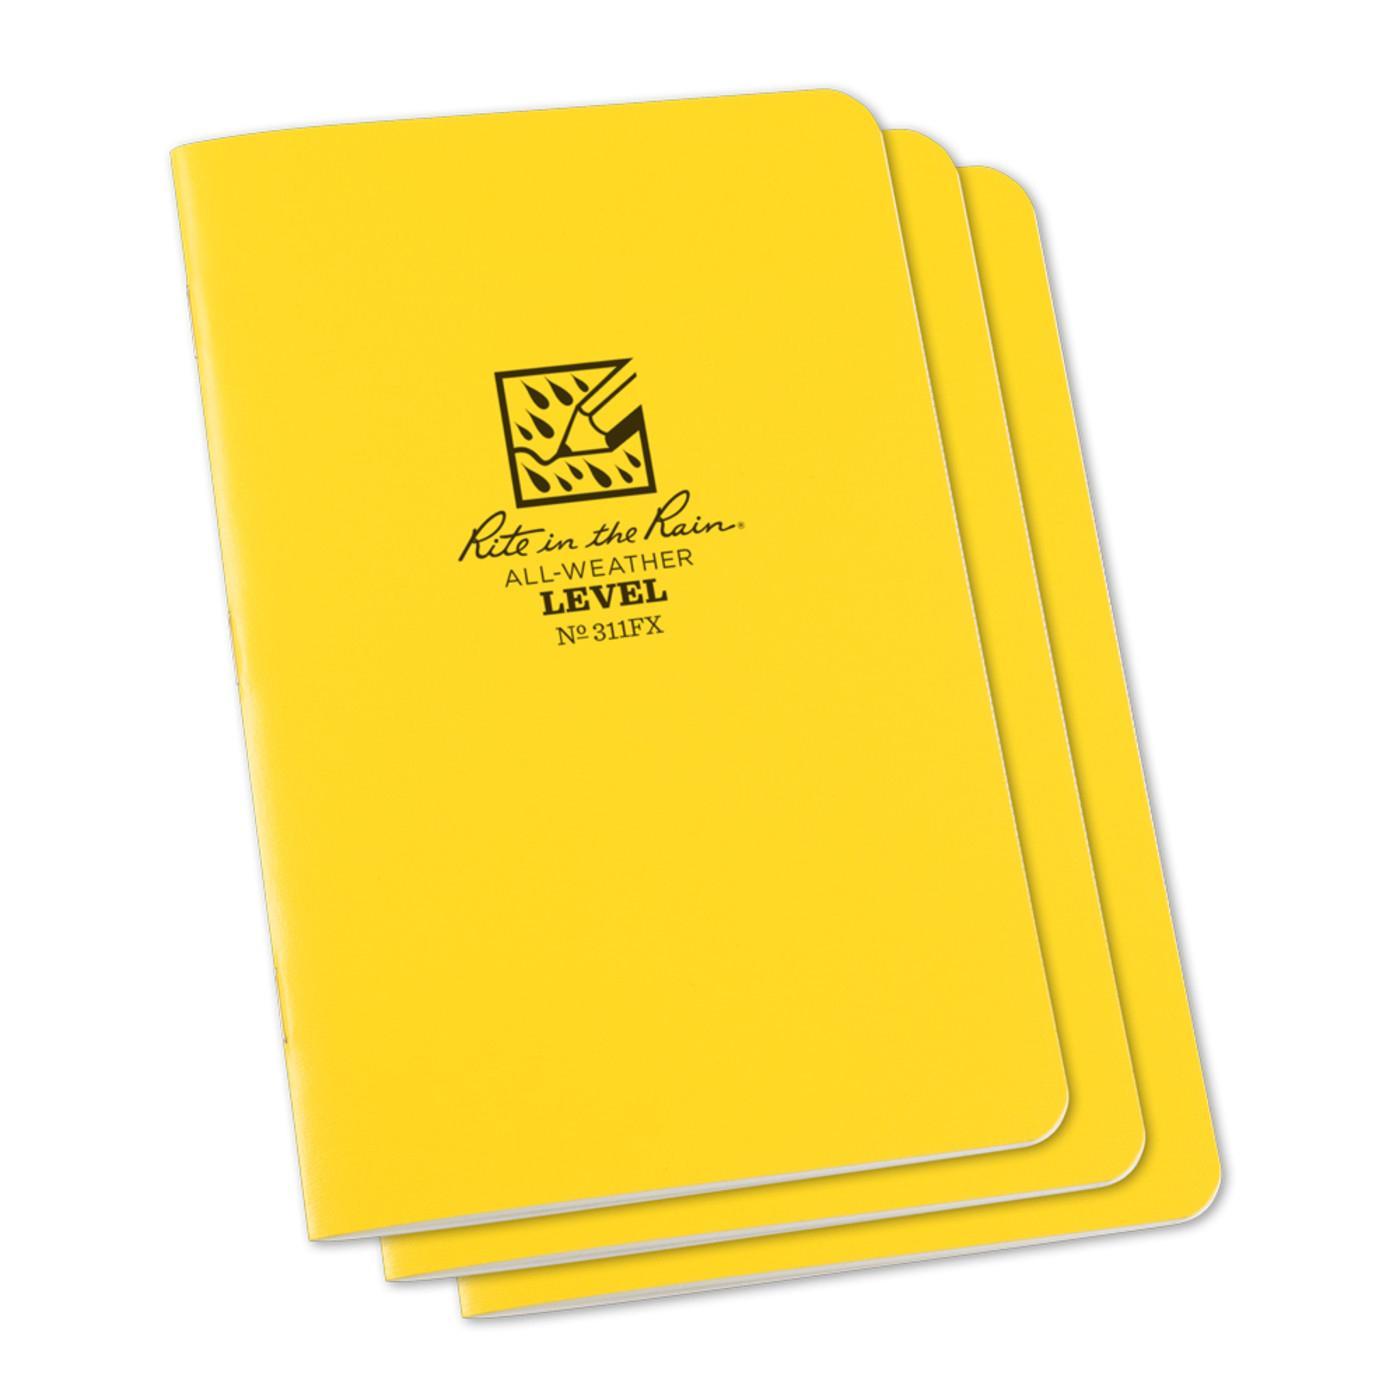 """Rite in the Rain Yellow 45/8""""x7"""" Level Stapled Notebook"""